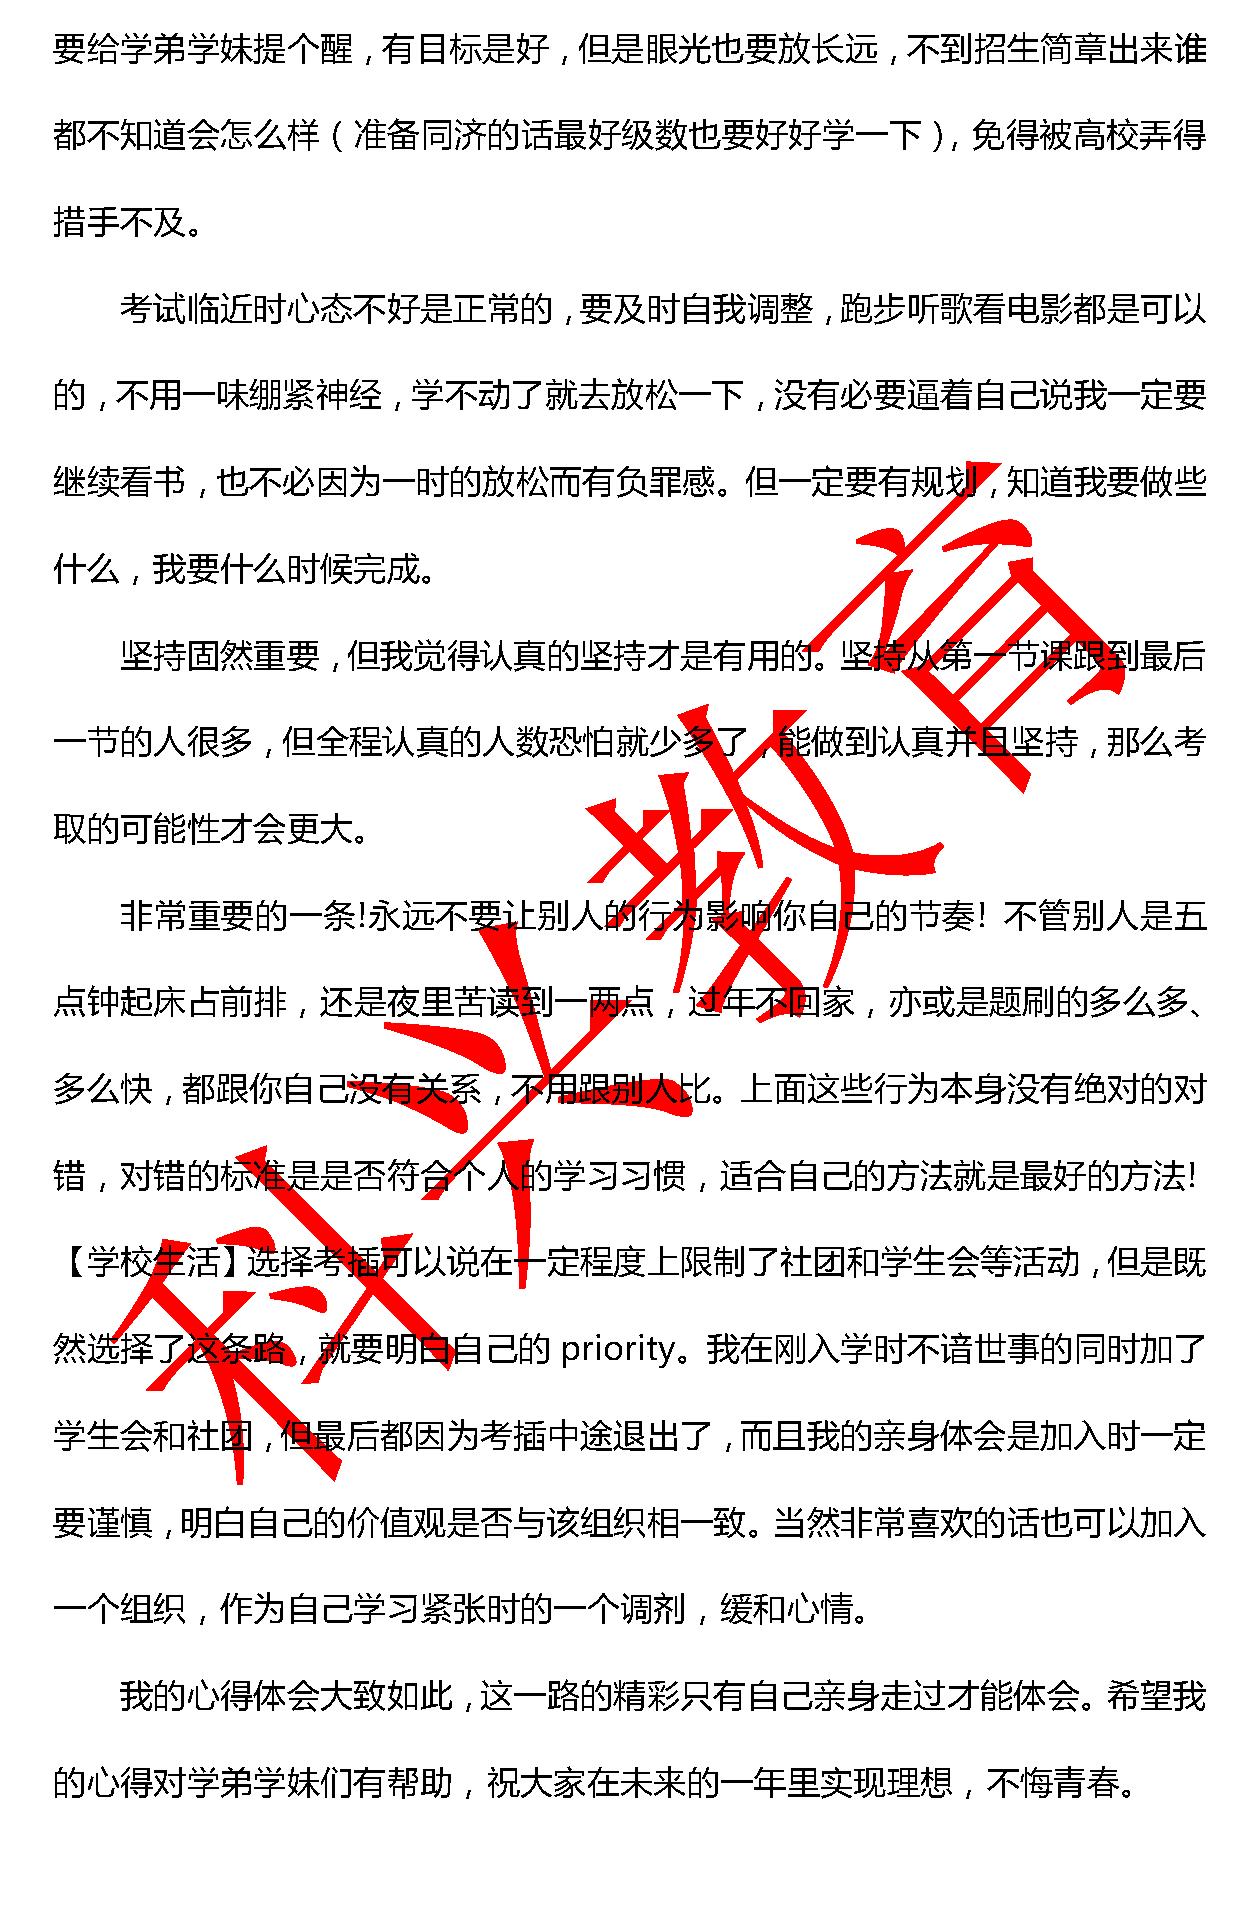 同济王怡萱:考插心得(18届)